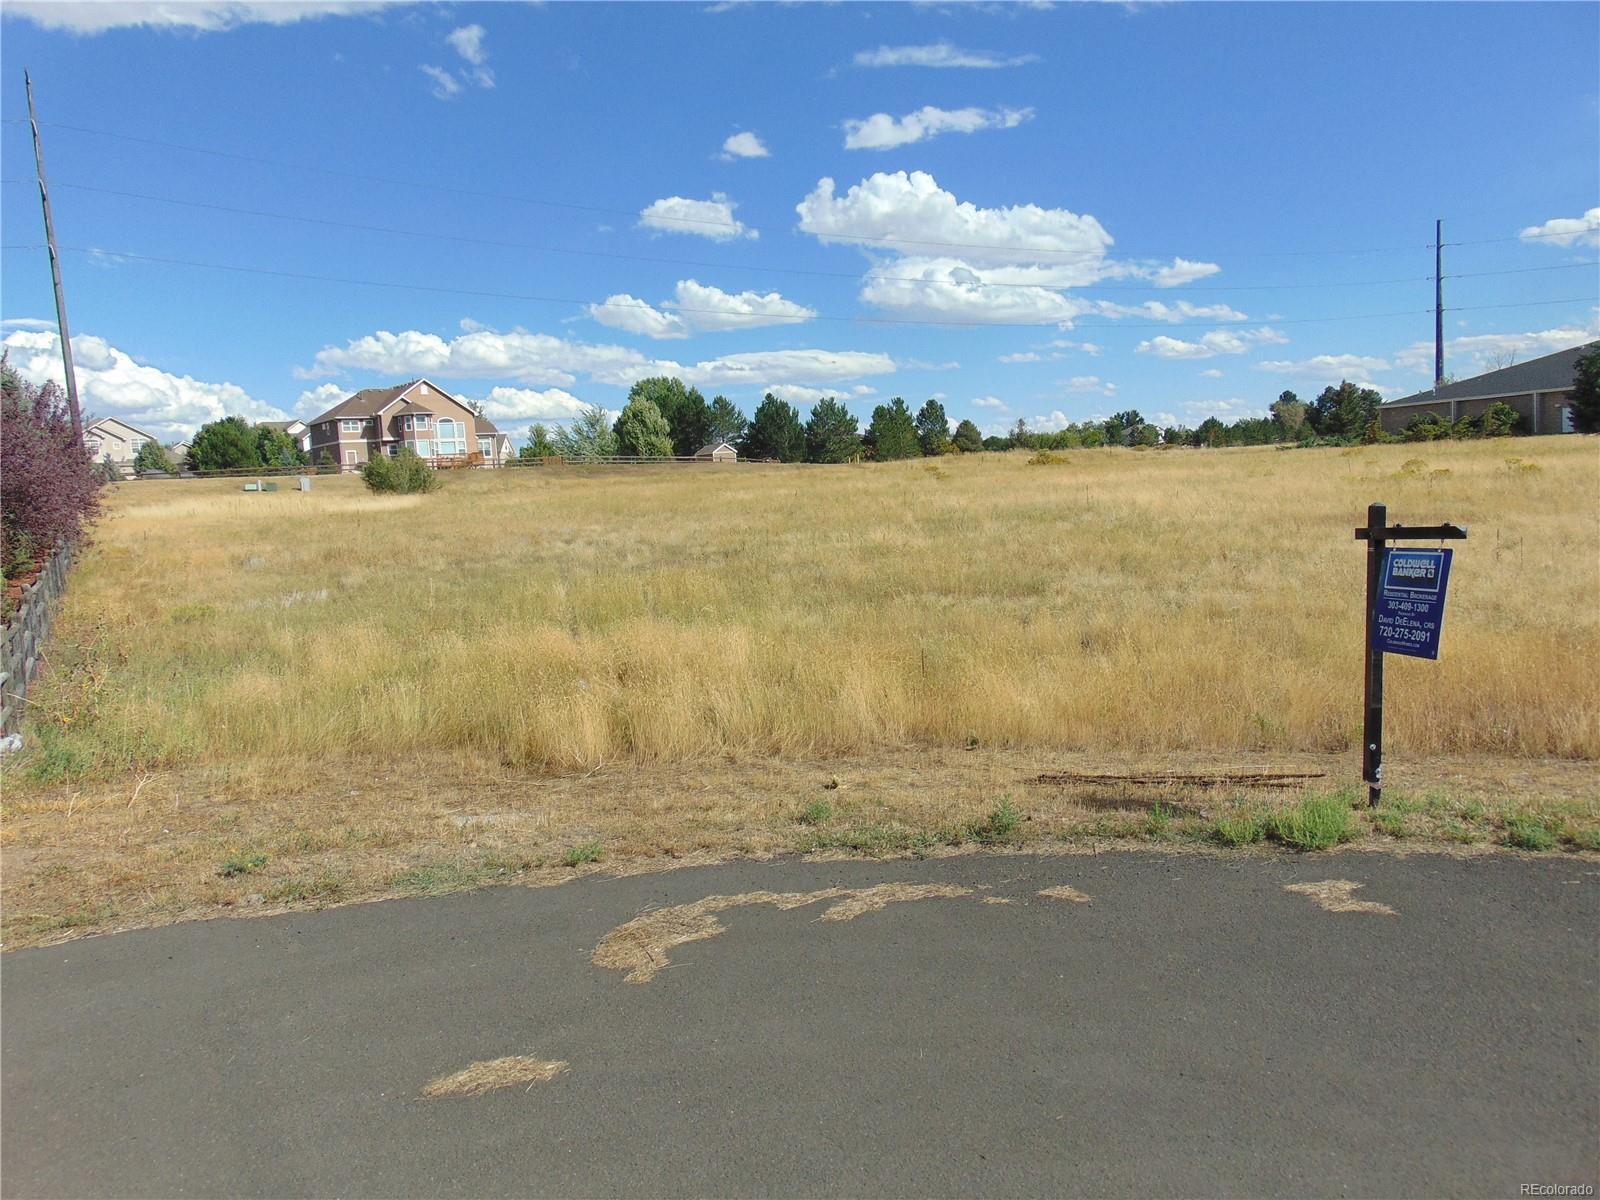 16720 E Euclid Avenue, Centennial, CO 80016 - Centennial, CO real estate listing